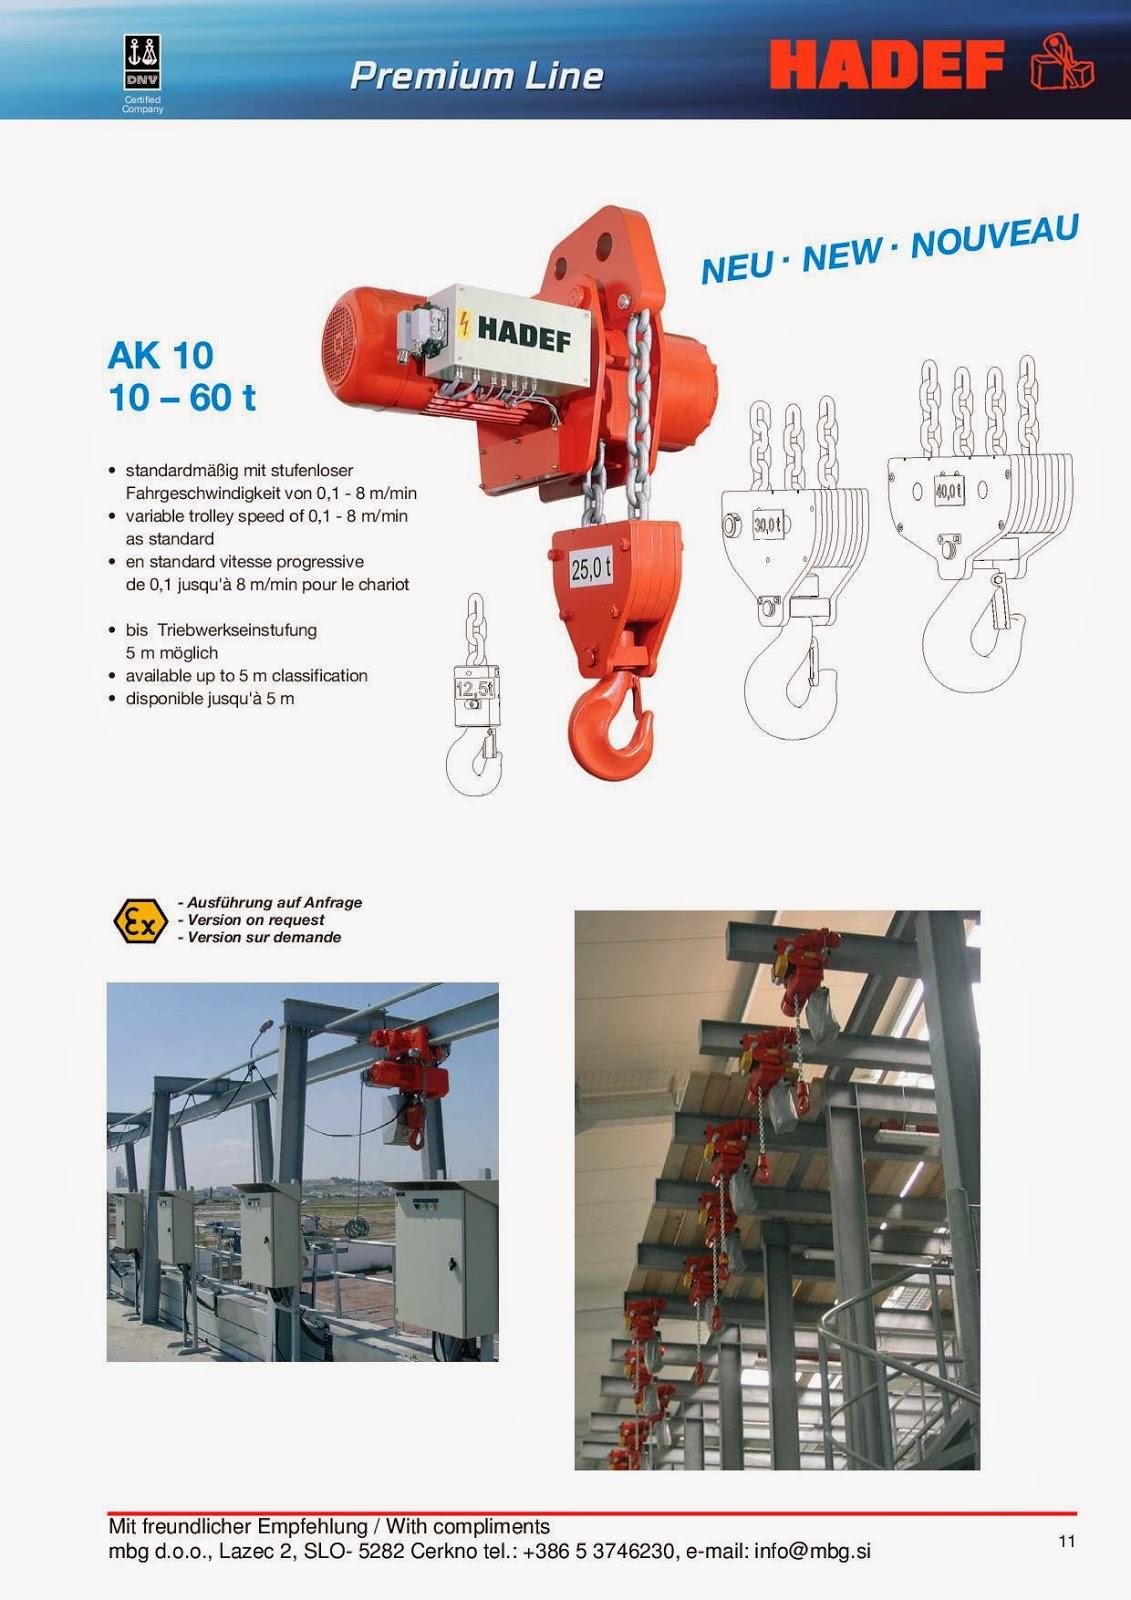 Elektro-Kettenzug / Electric Chain Hoist / Palan Electrique à chaîne - 11